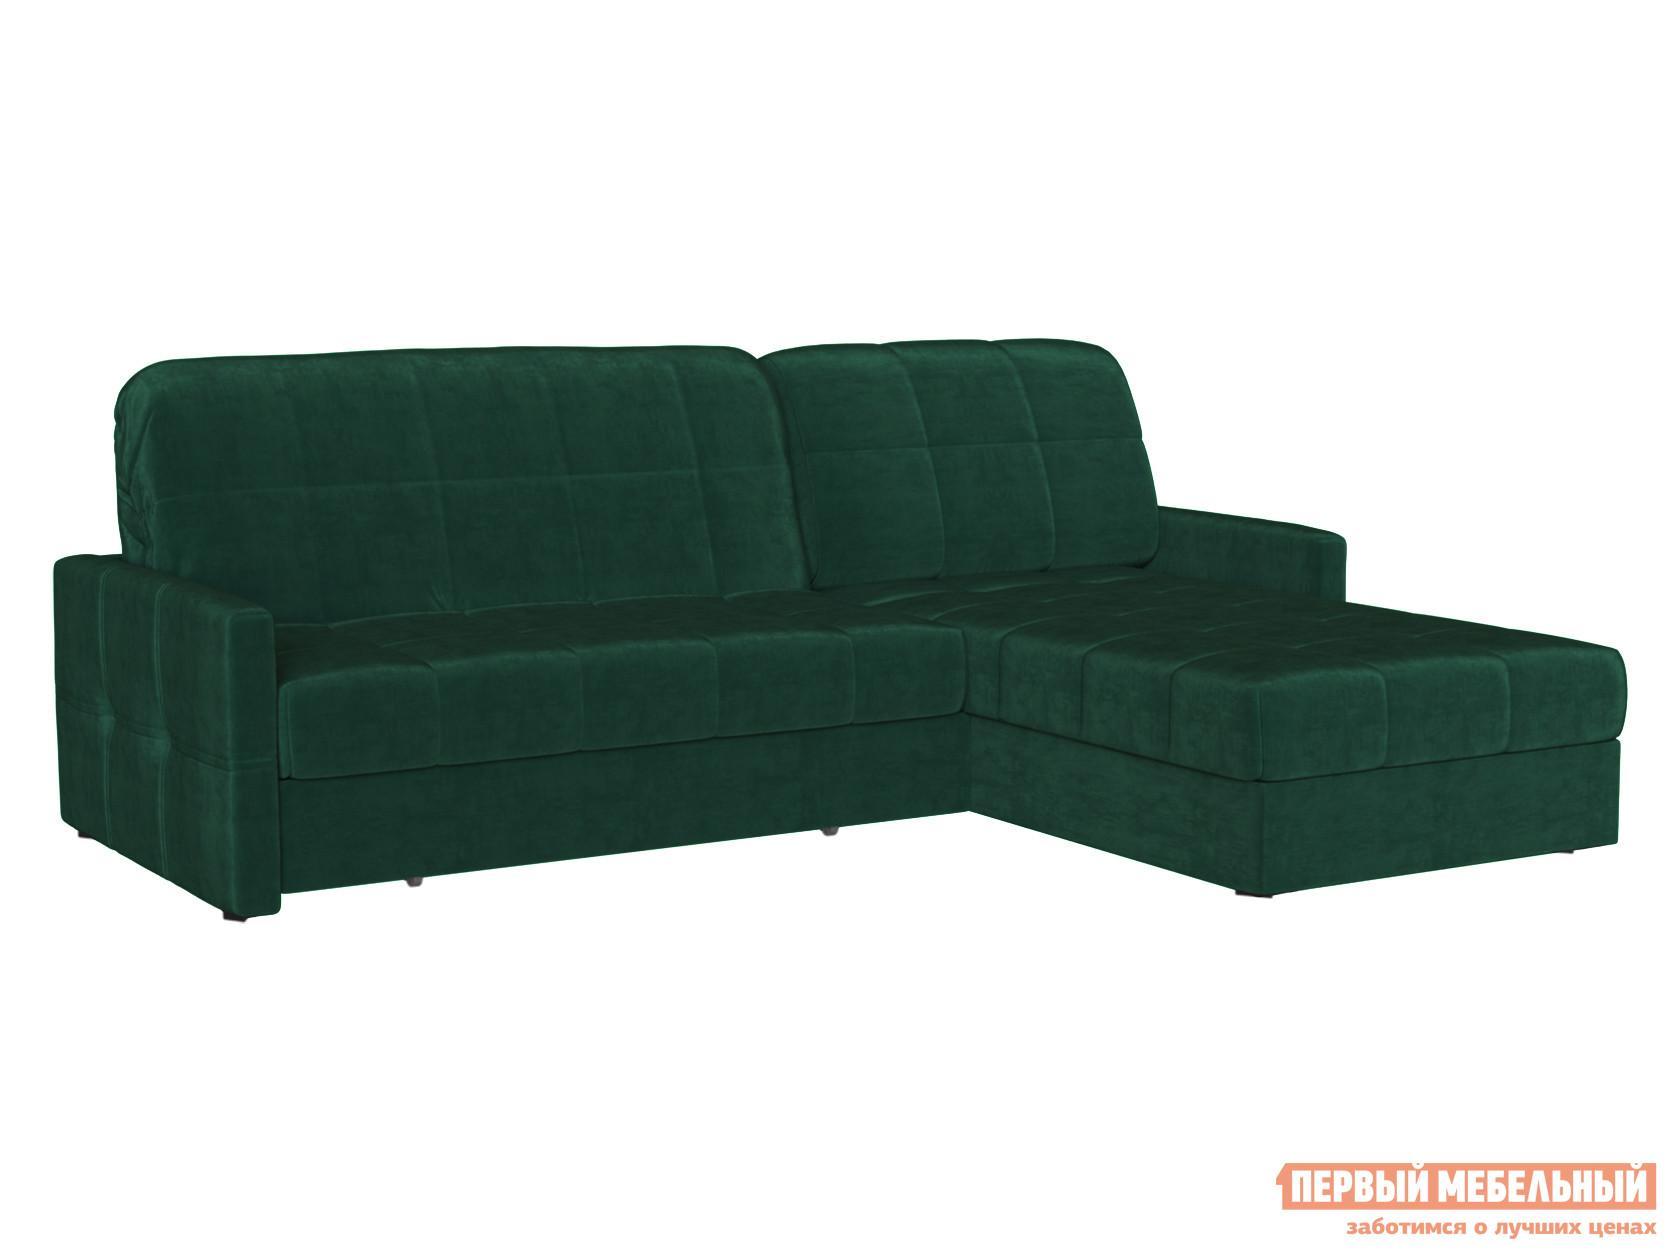 Угловой диван Первый Мебельный Диван Неро с оттоманкой Люкс